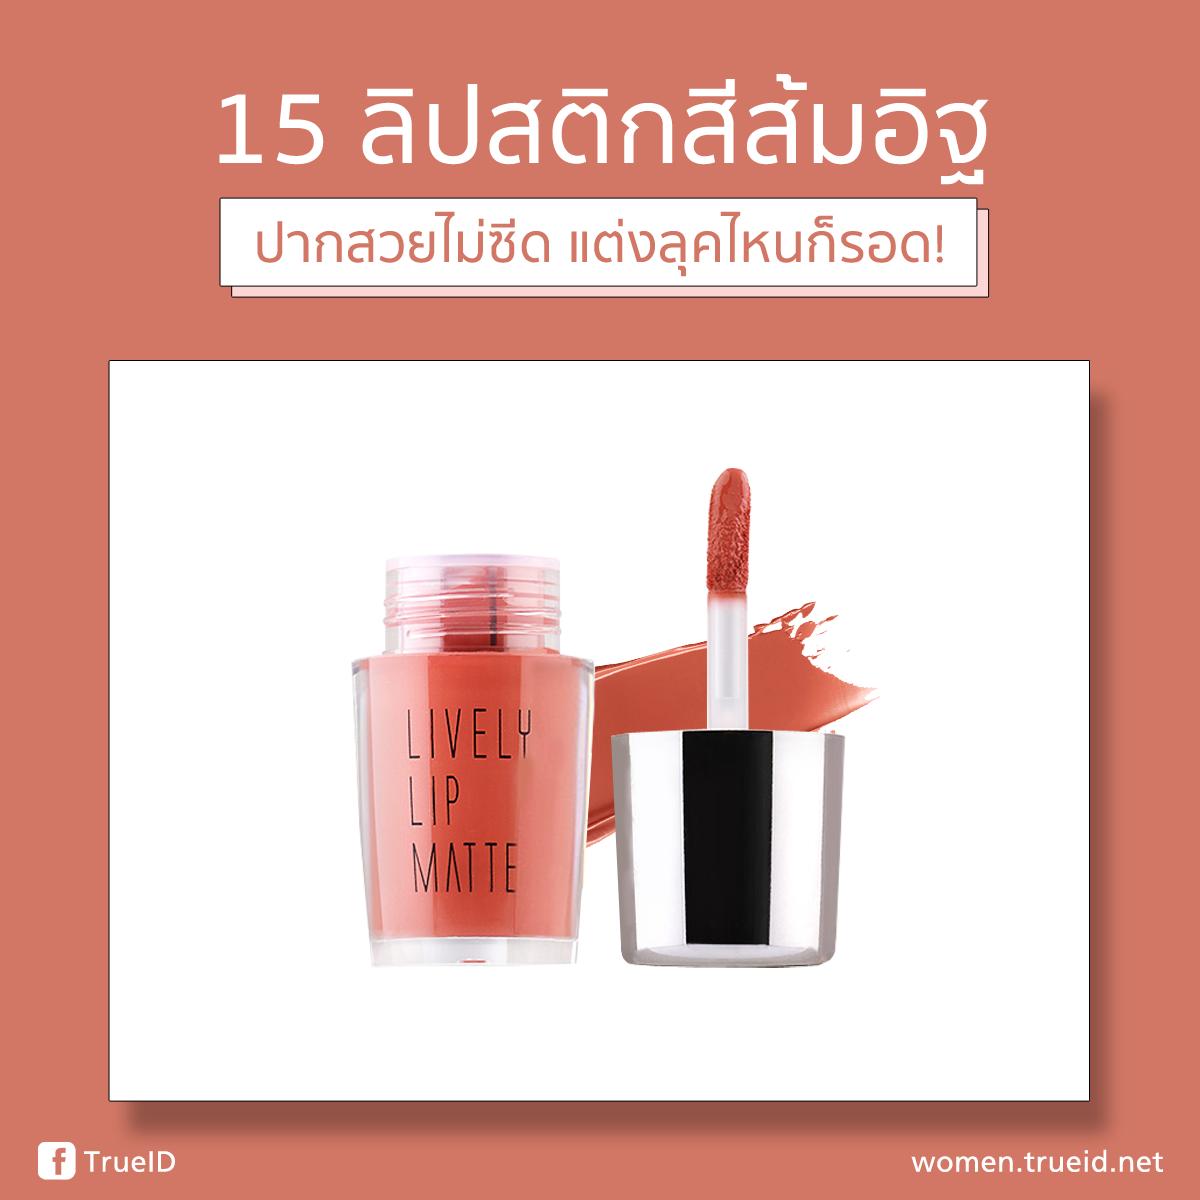 15 ลิปสติก สีอิฐ สีส้มน้ำตาลตุ่นๆ ปากสวยไม่ซีด แต่งลุคไหนก็รอด!